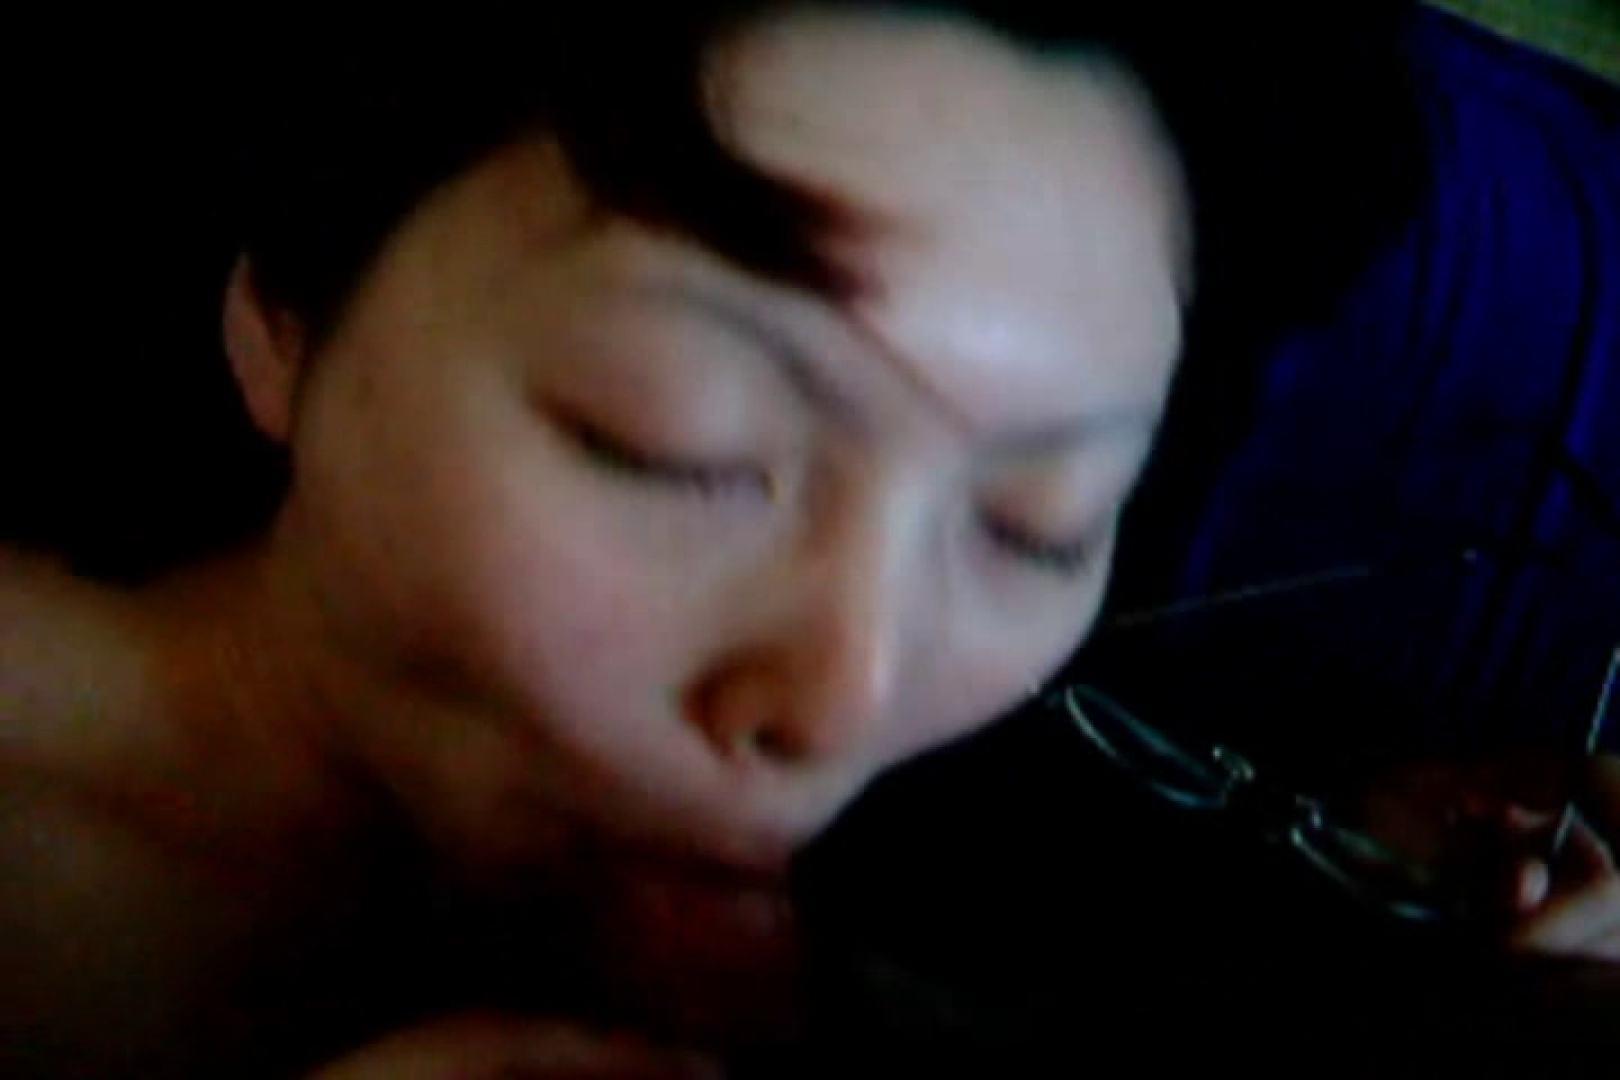 ウイルス流出 鹿児島県庁職員 中瀬瀬久成の流出ビデオ 流出作品  86pic 24